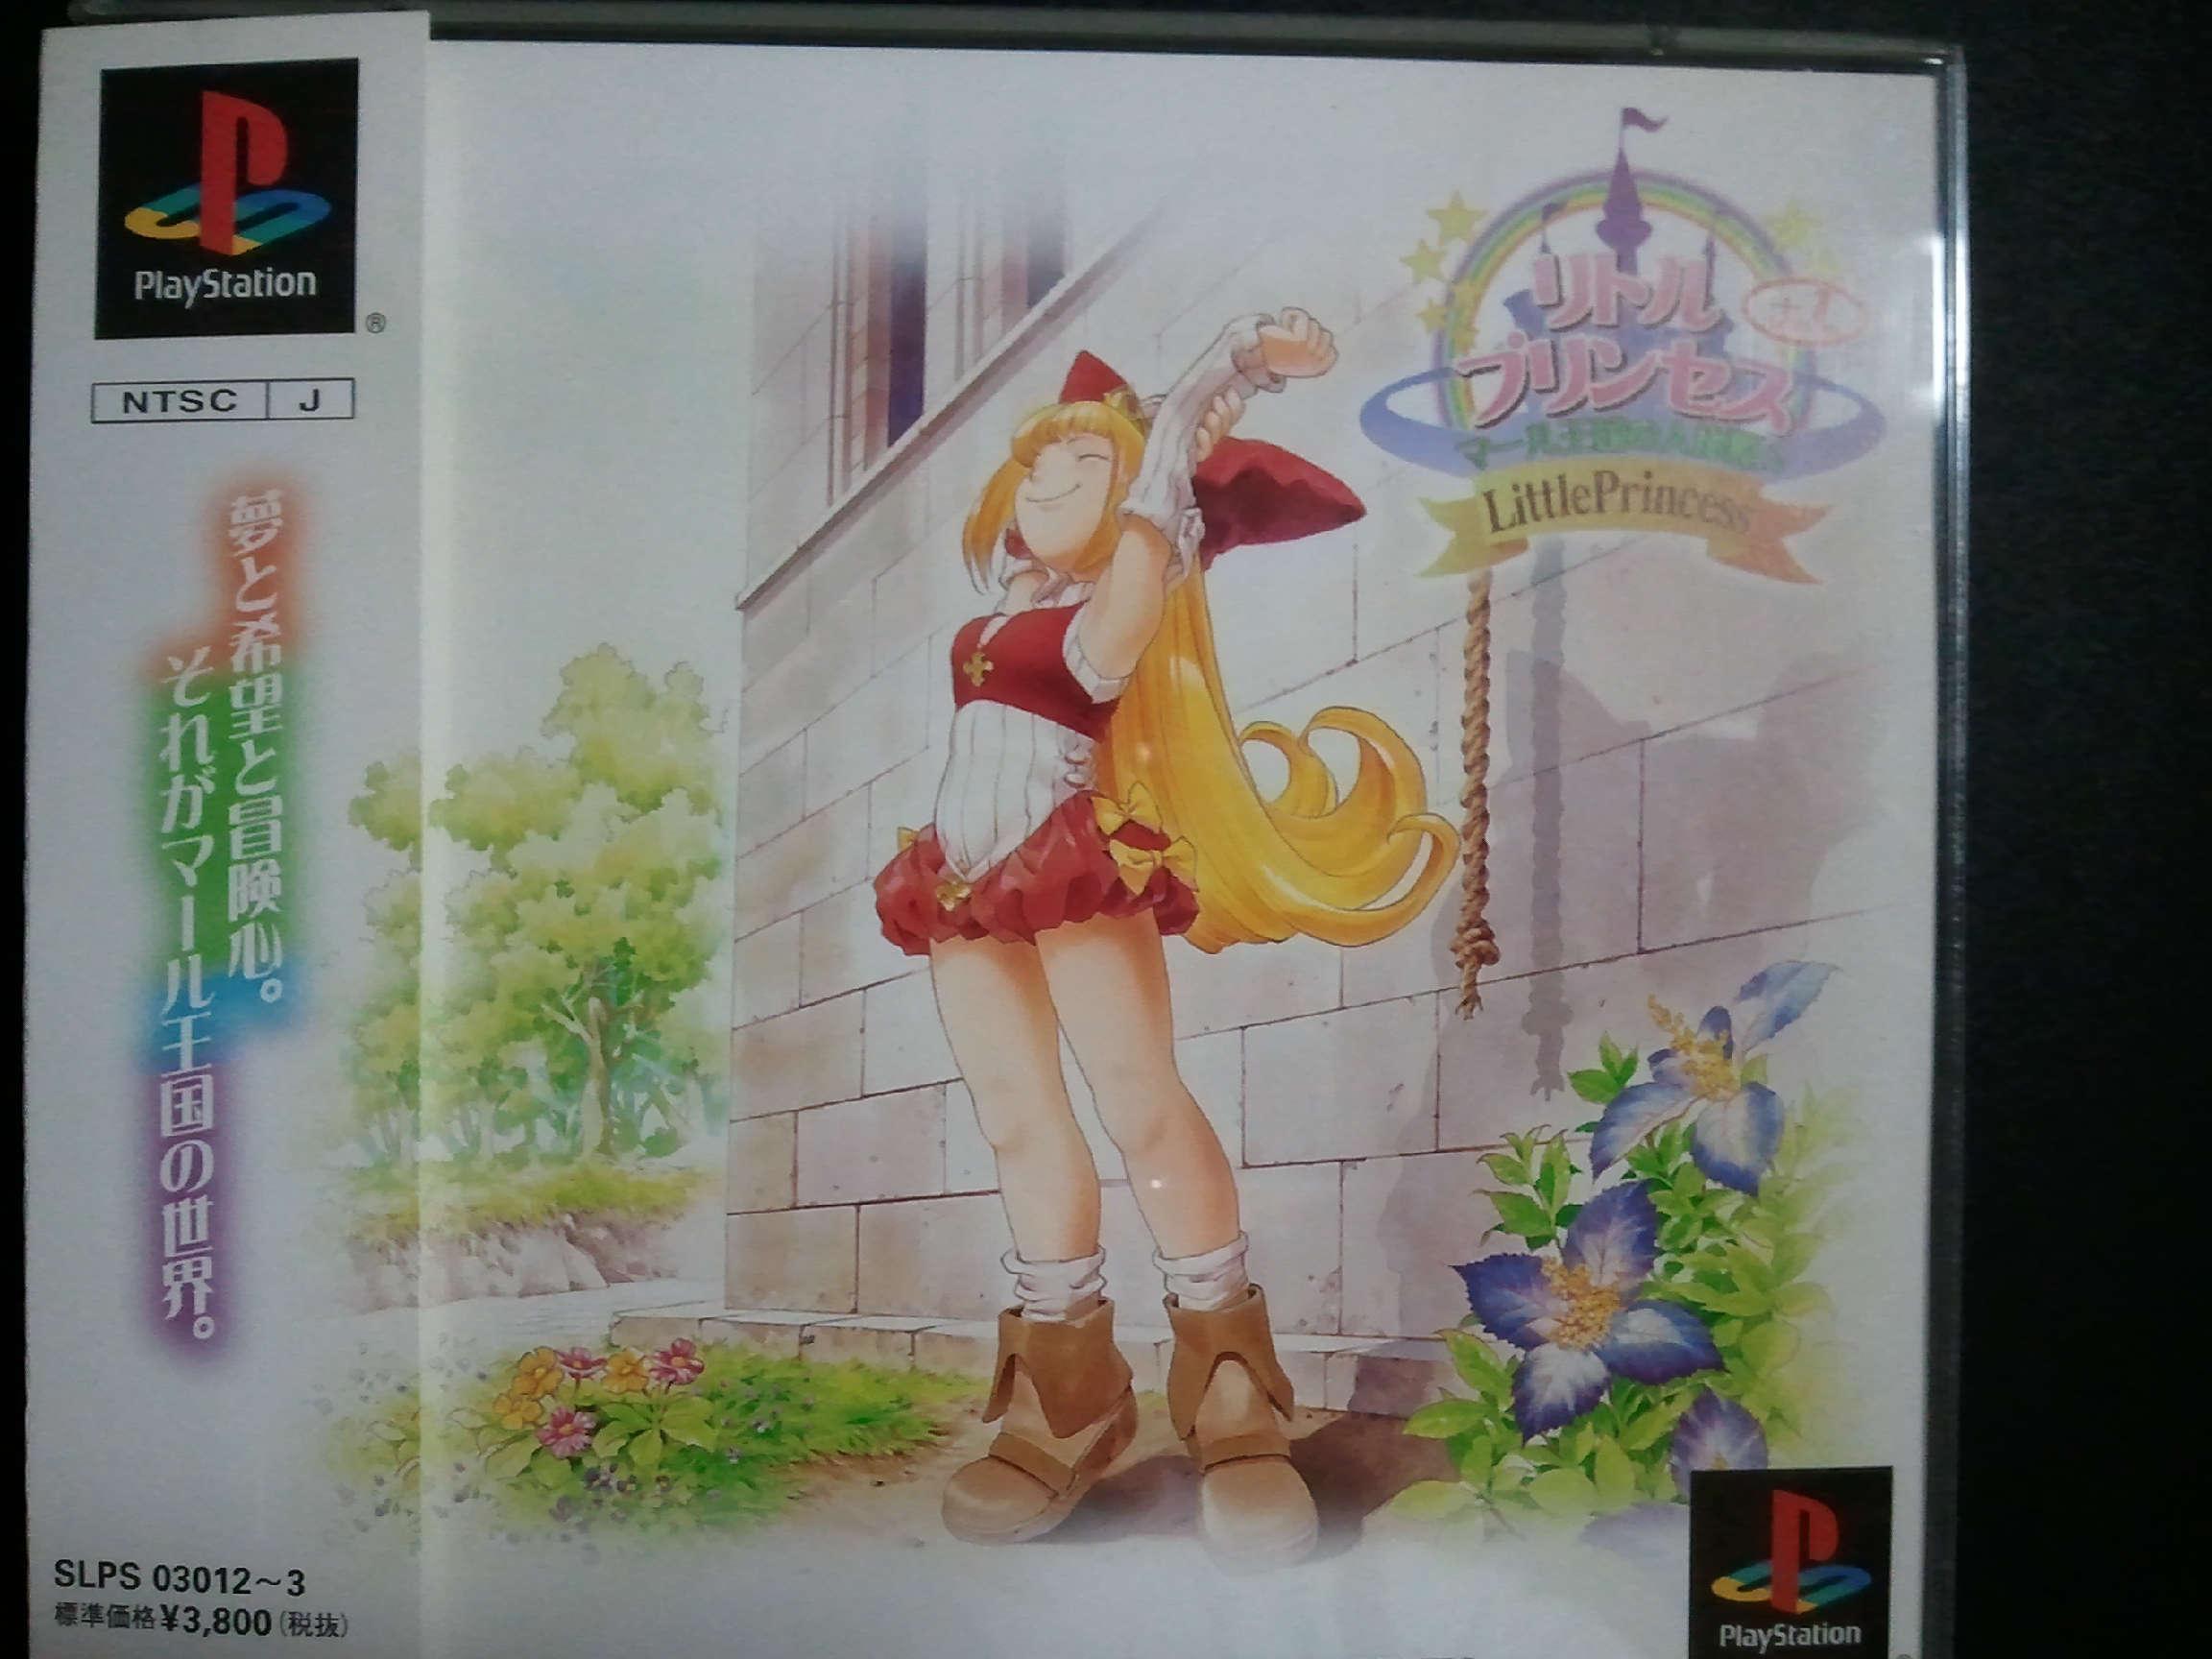 リトルプリンセス マール王国の人形姫2+1